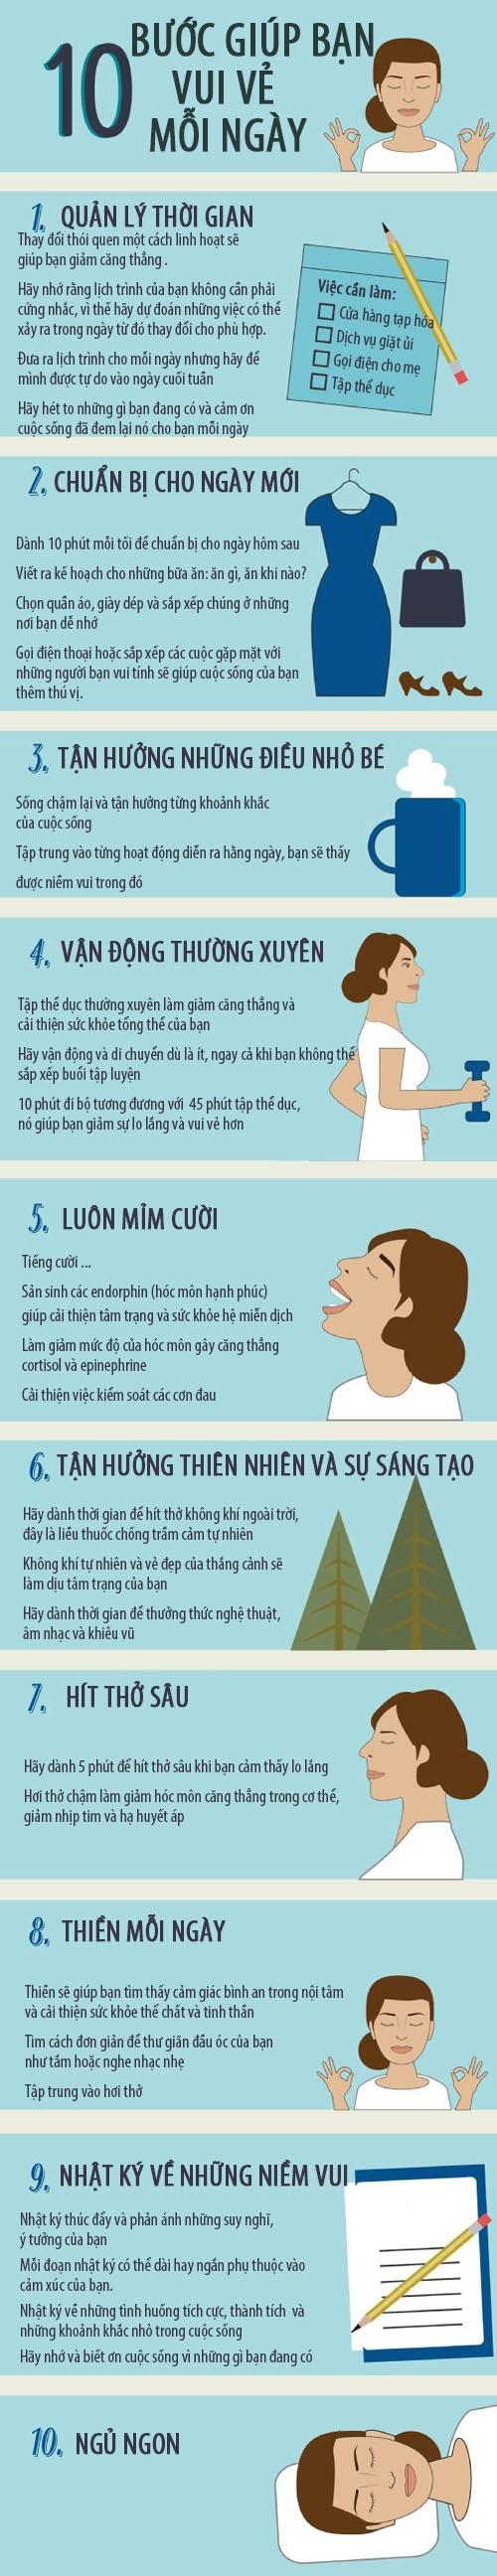 [Infographic] 10 bước giúp bạn vui vẻ mỗi ngày